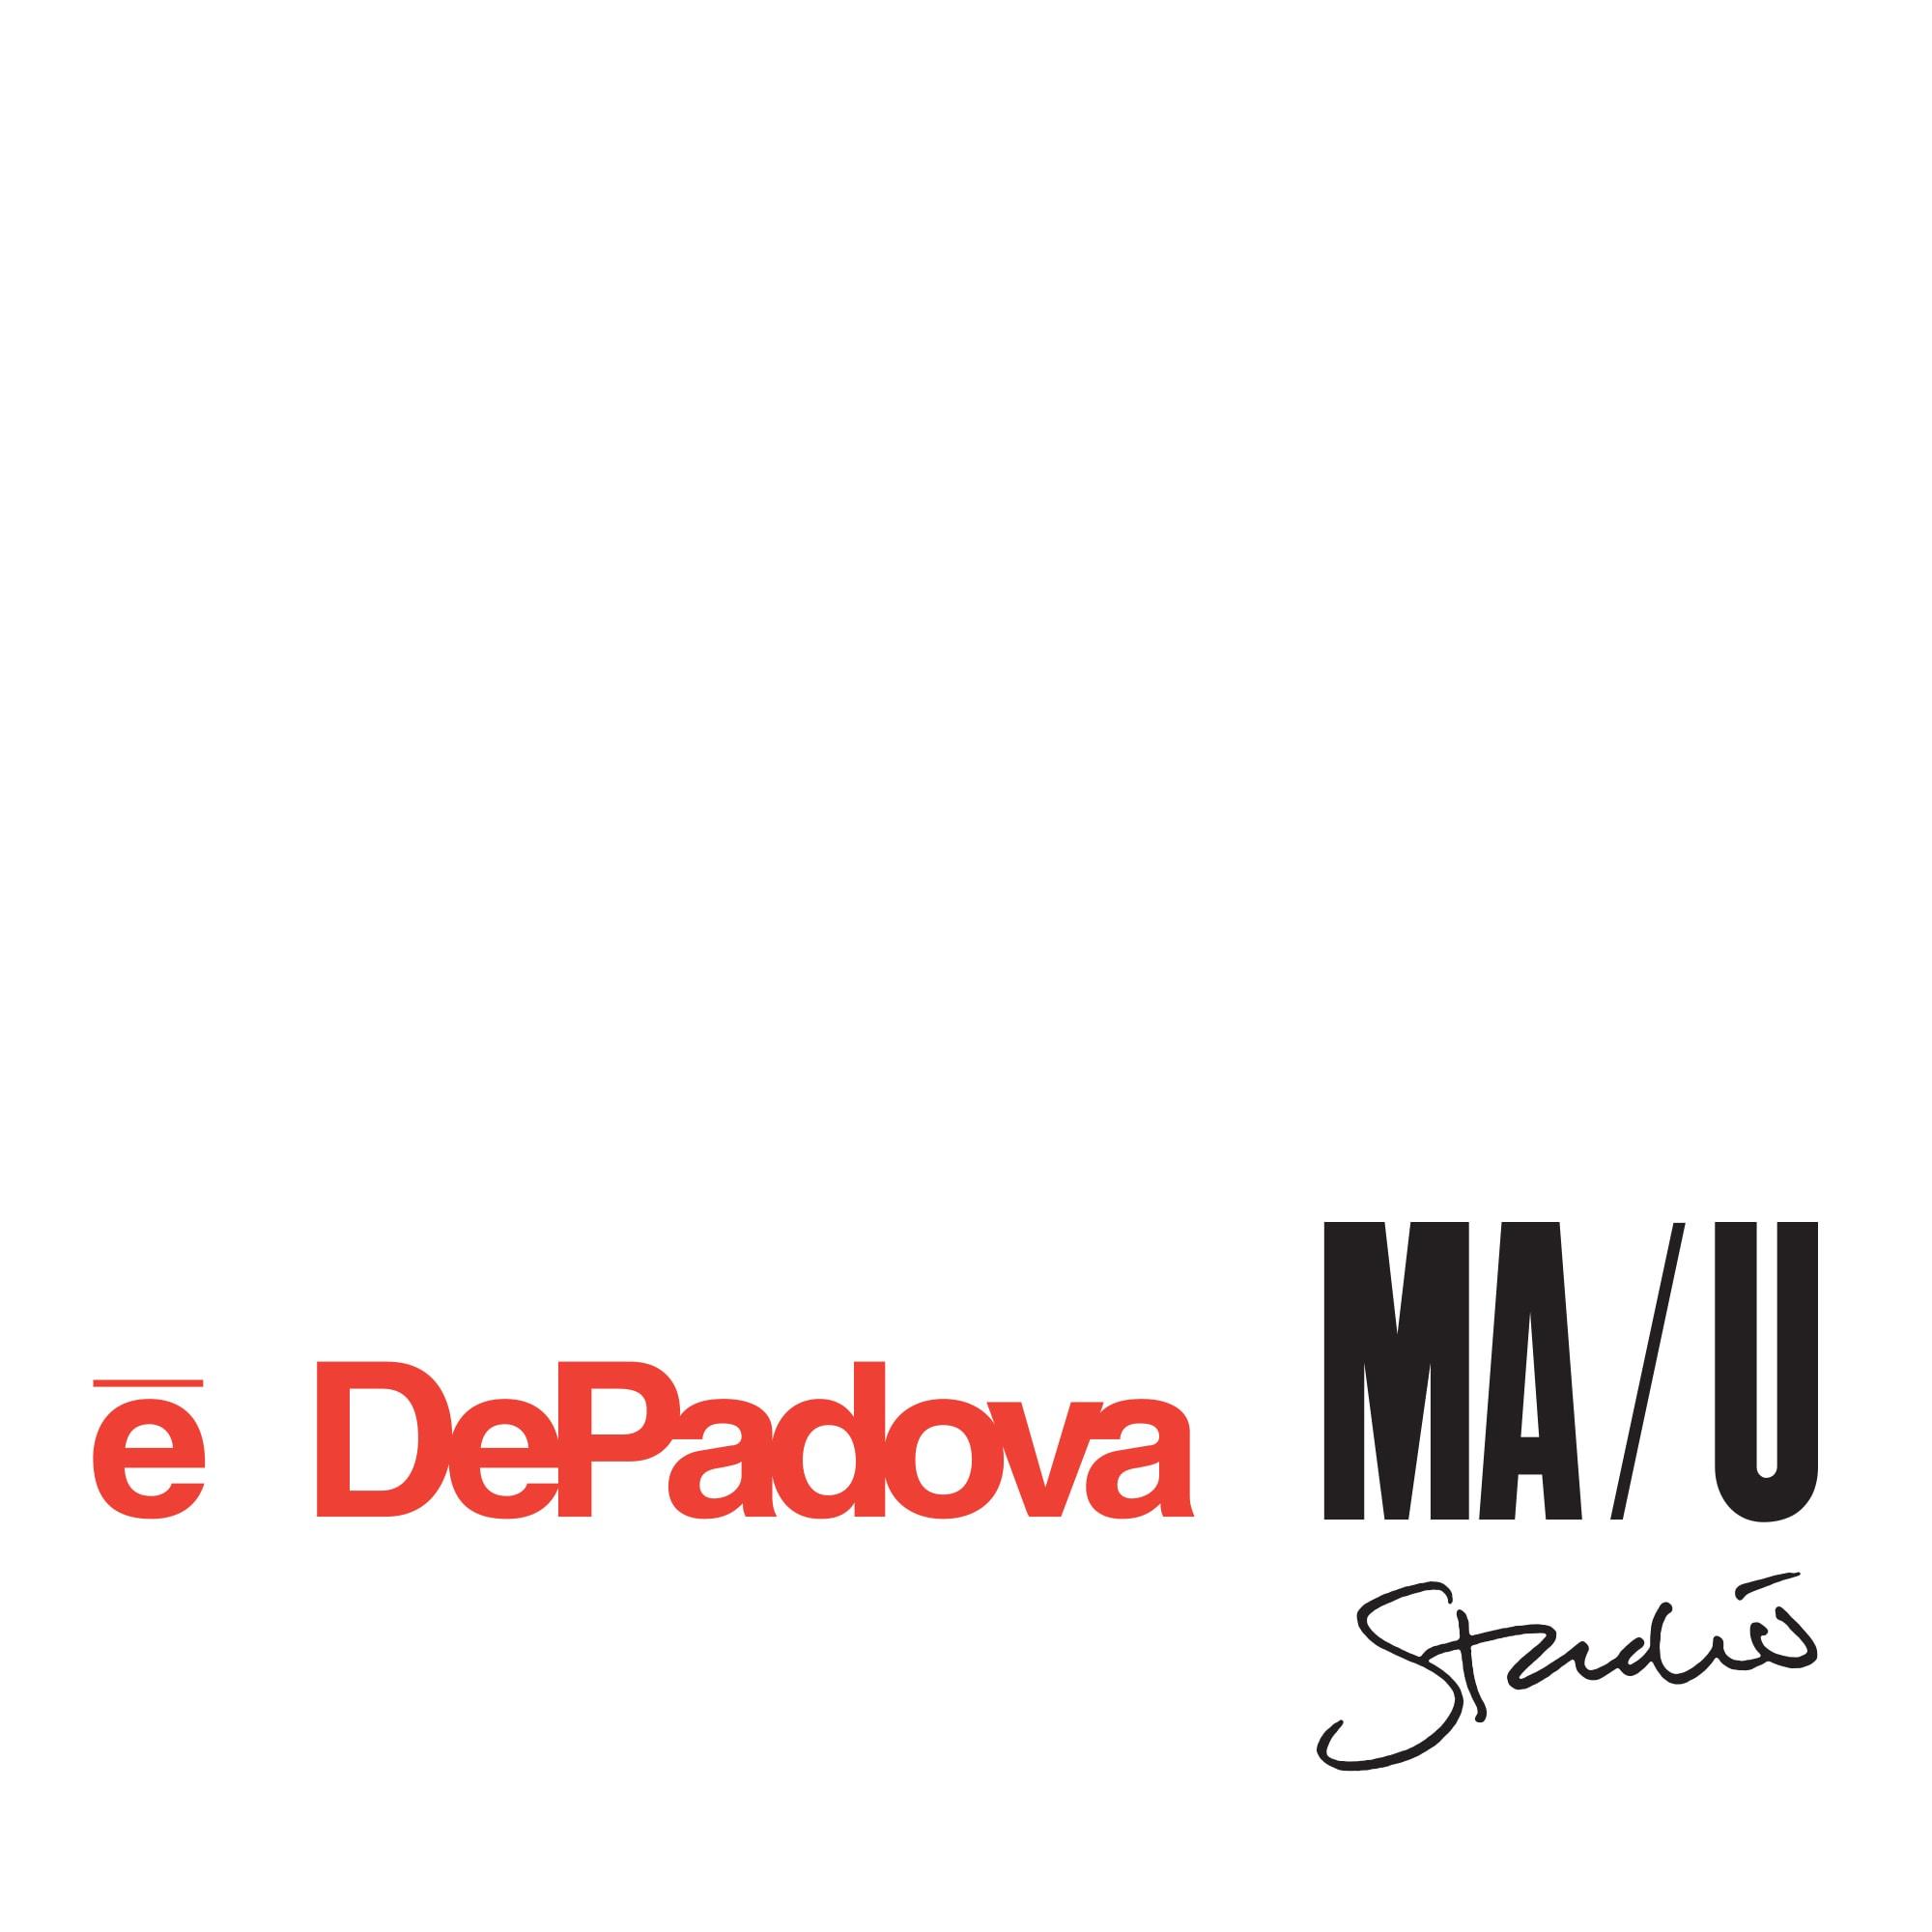 De Padova, 4-9 April 2017